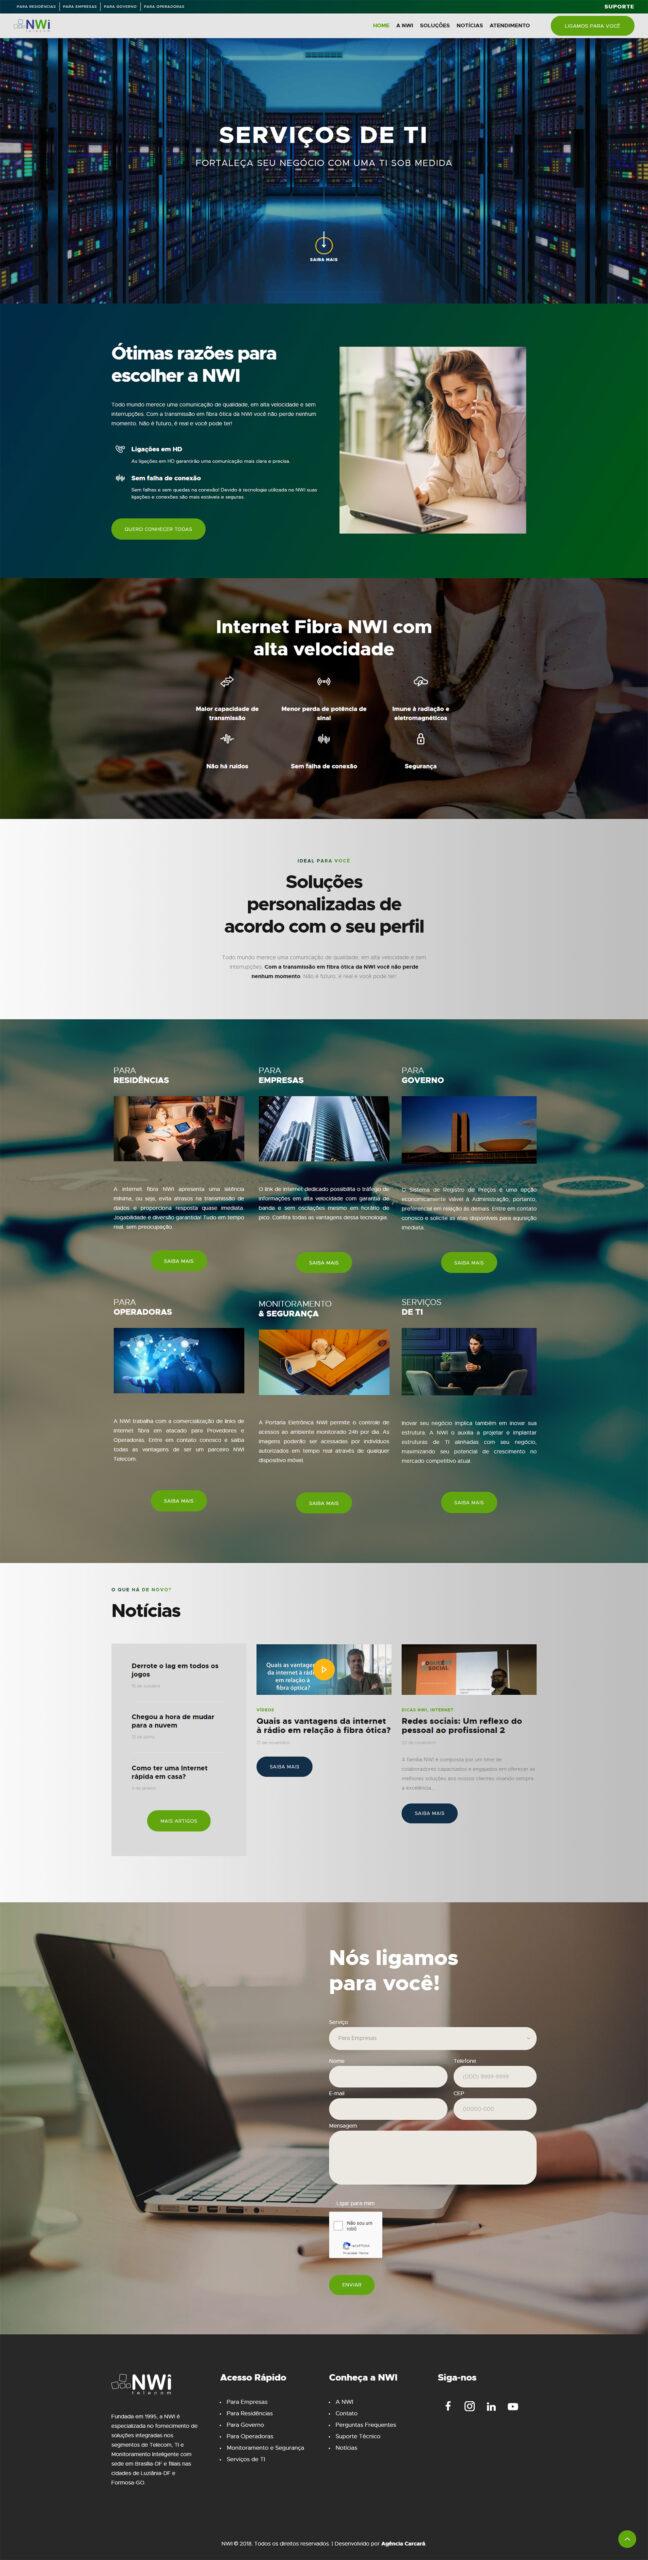 Modernização do site da empresa de telecomunicação NWI Telecom